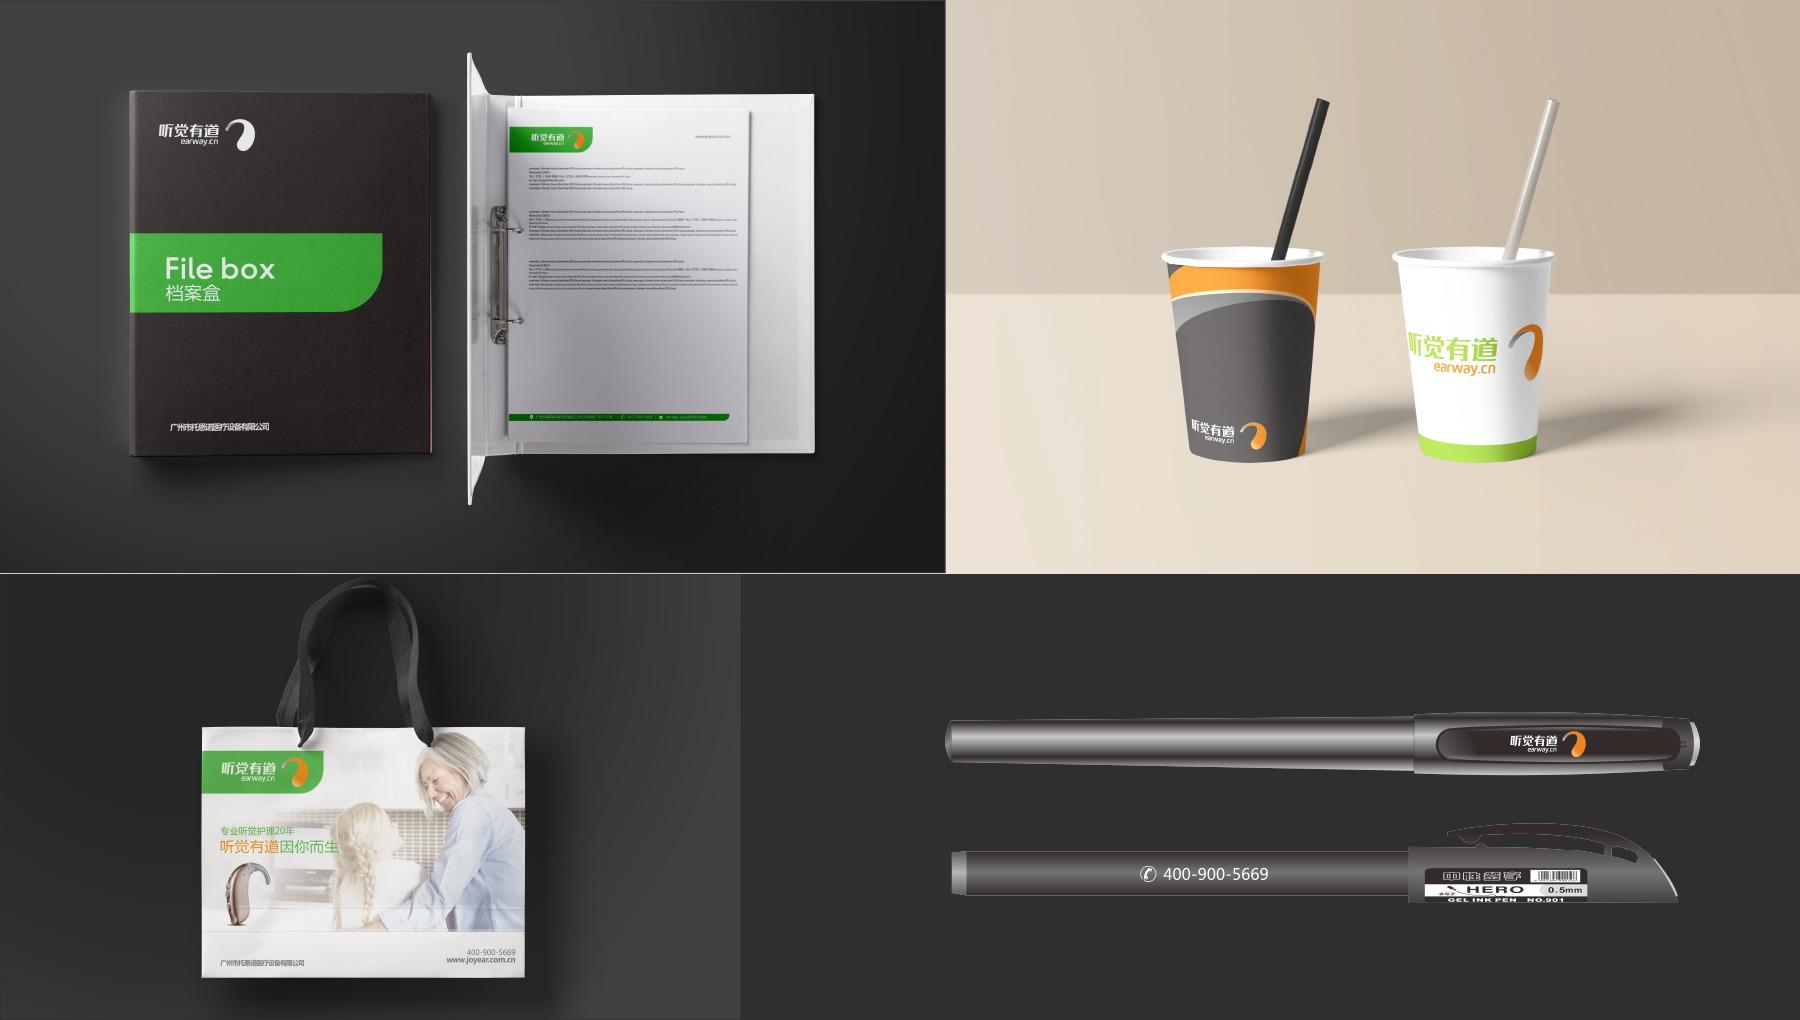 企业vi设计是企业整体形象的展现